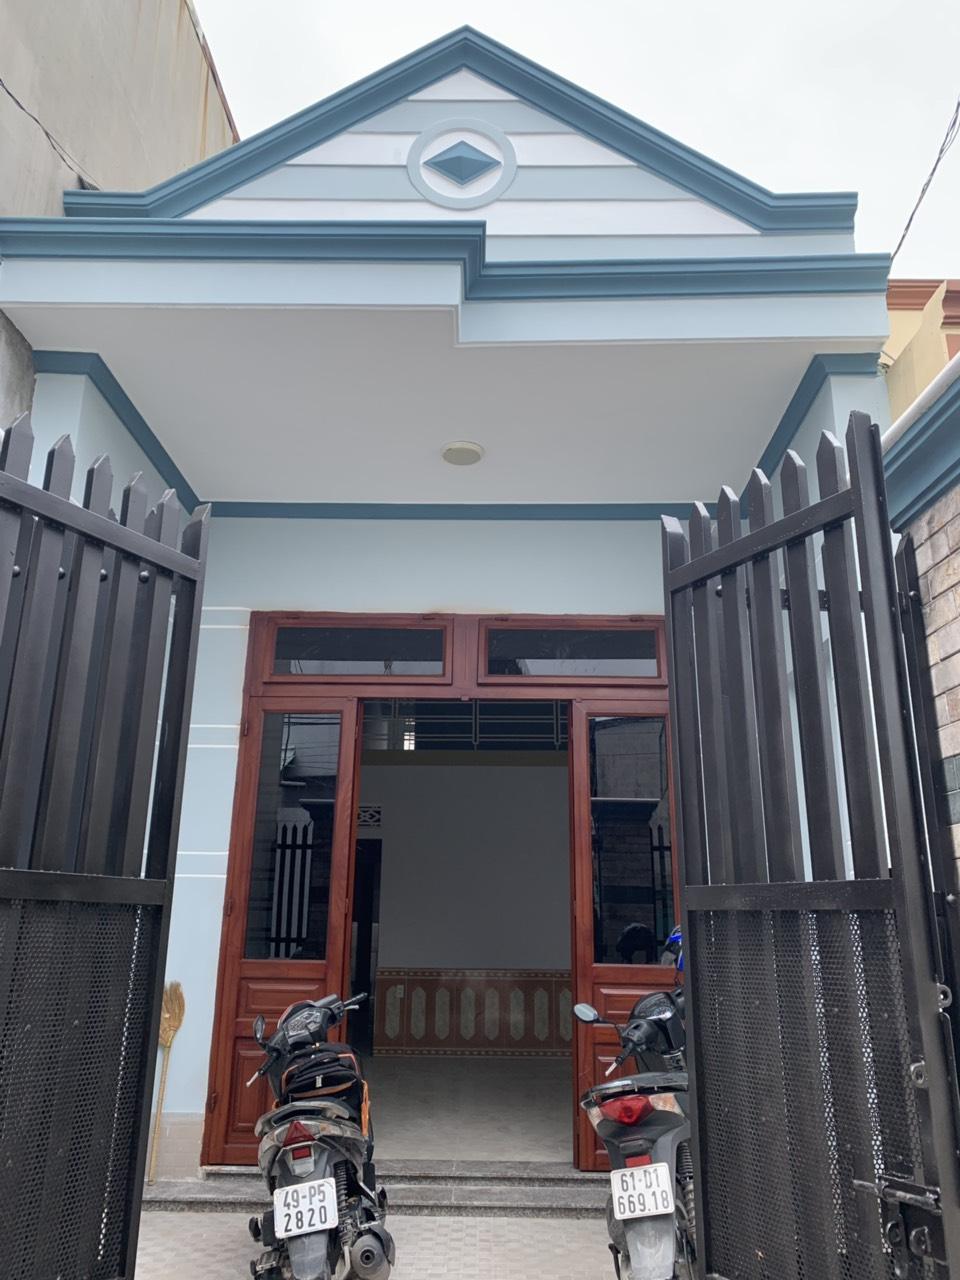 Bán nhà chính chủ cấp 4 gác đúc sổ hồng riêng phường Dĩ An , thị xã Dĩ An